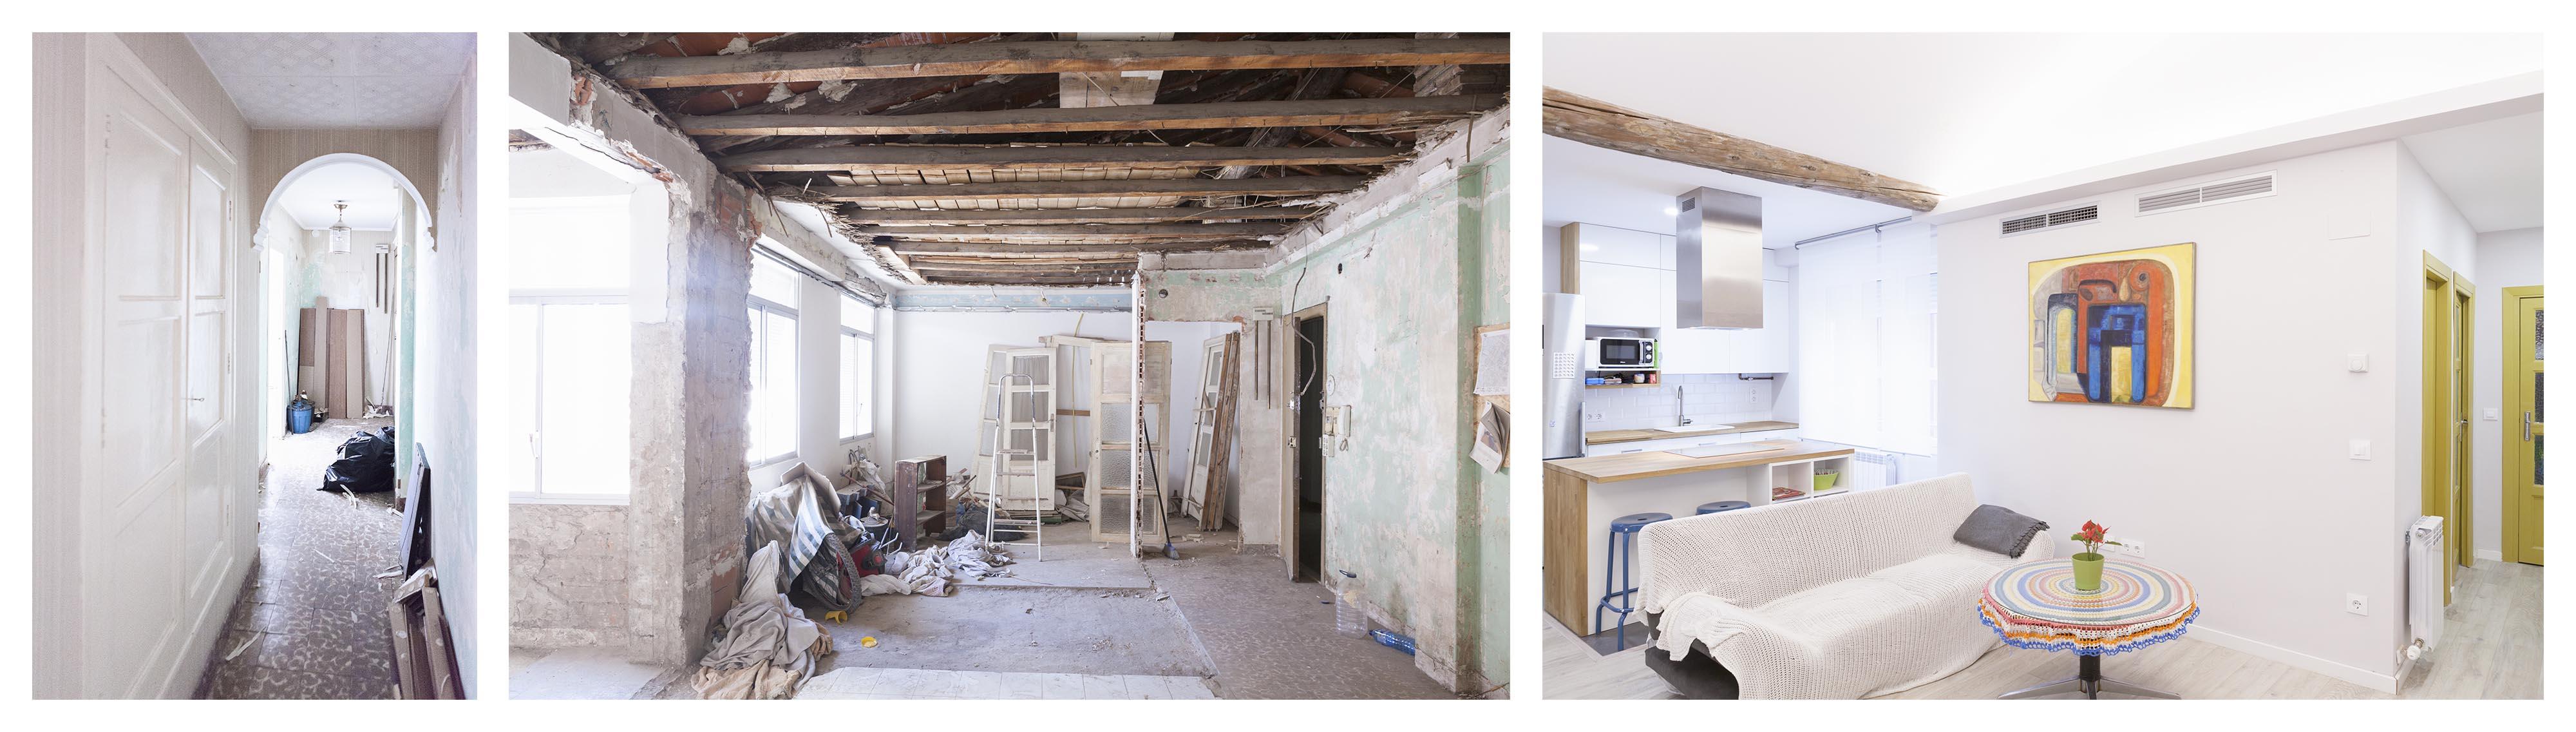 01-reforma-vivienda-salon-cocina-viga-vista-Zaragoza